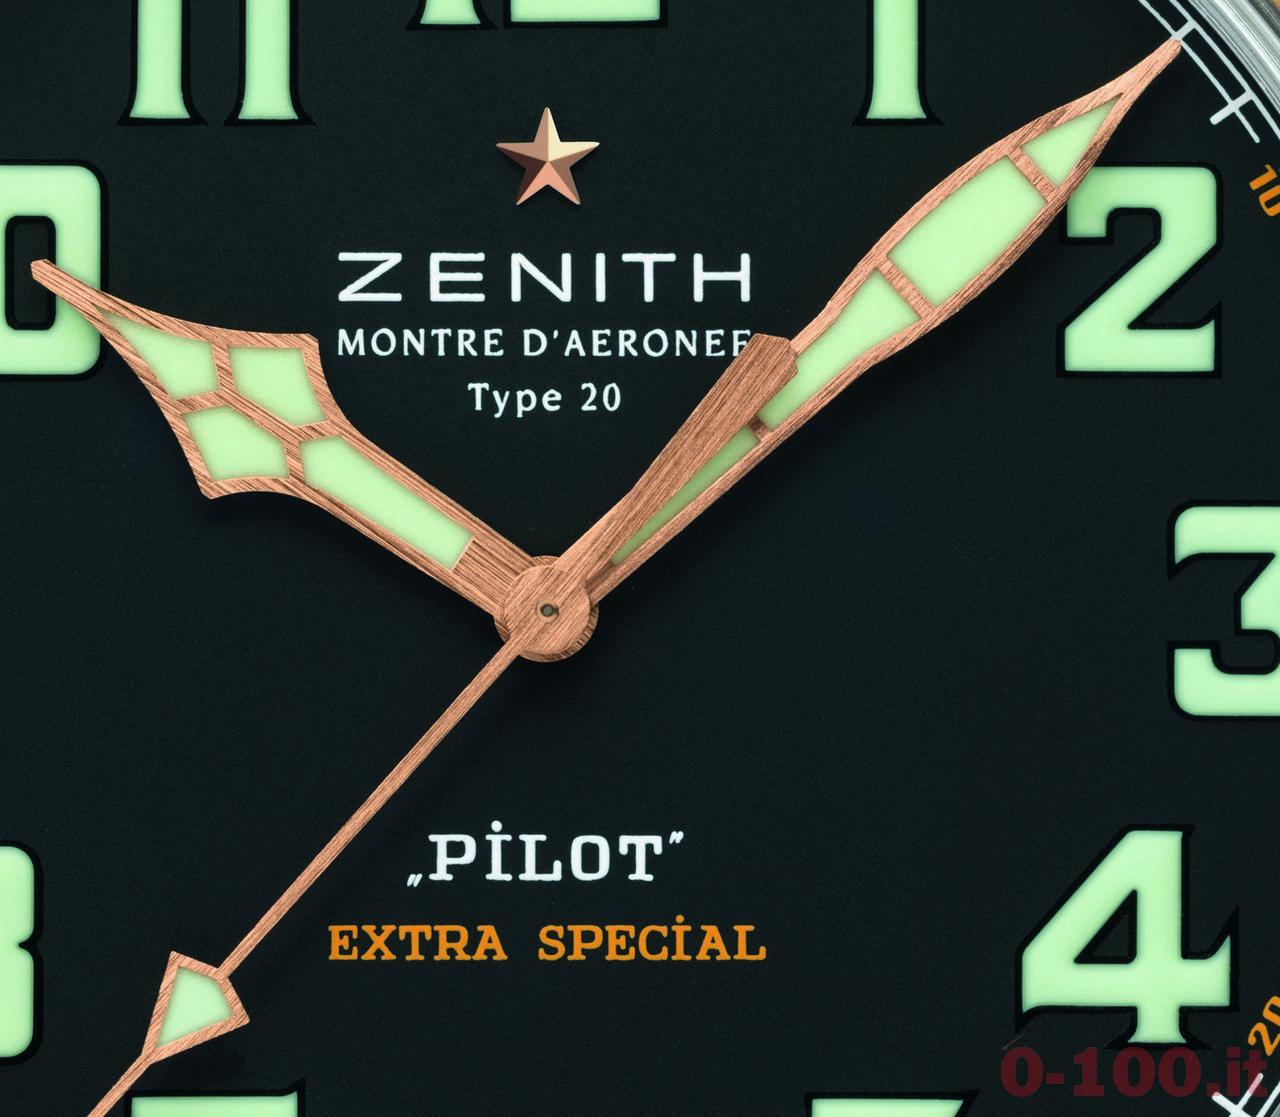 zenith-pilot-type-20-extra-special-ref-29-2430-67921-c753-price_0-1002